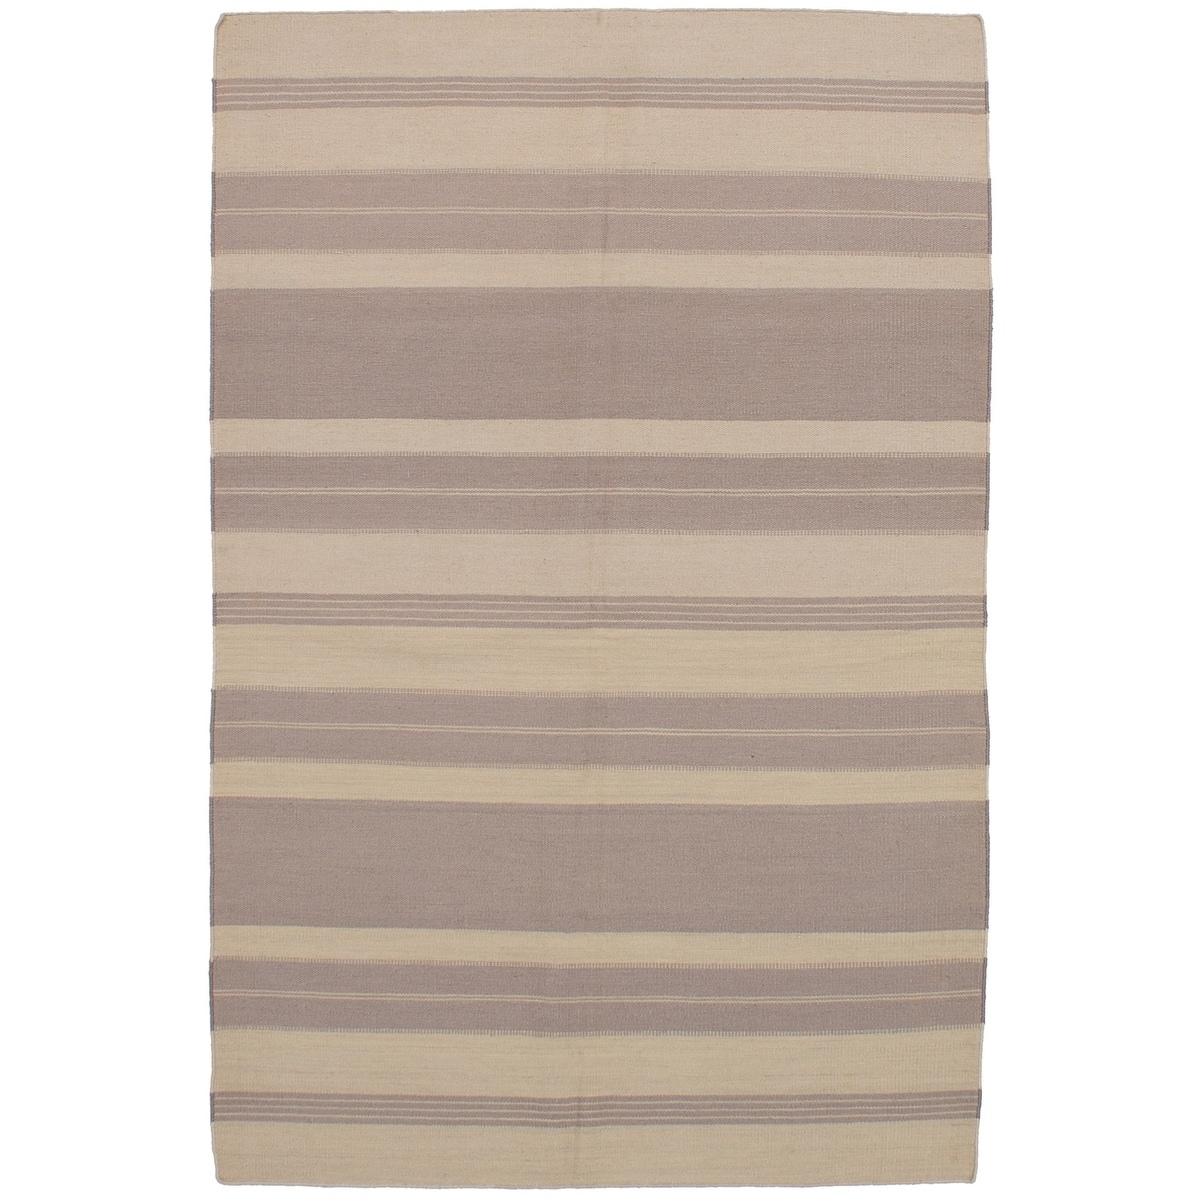 ECARPETGALLERY Flat-weave Ankara FW Grey Wool Kilim - 50 x 710 (grey - 50 x 710)